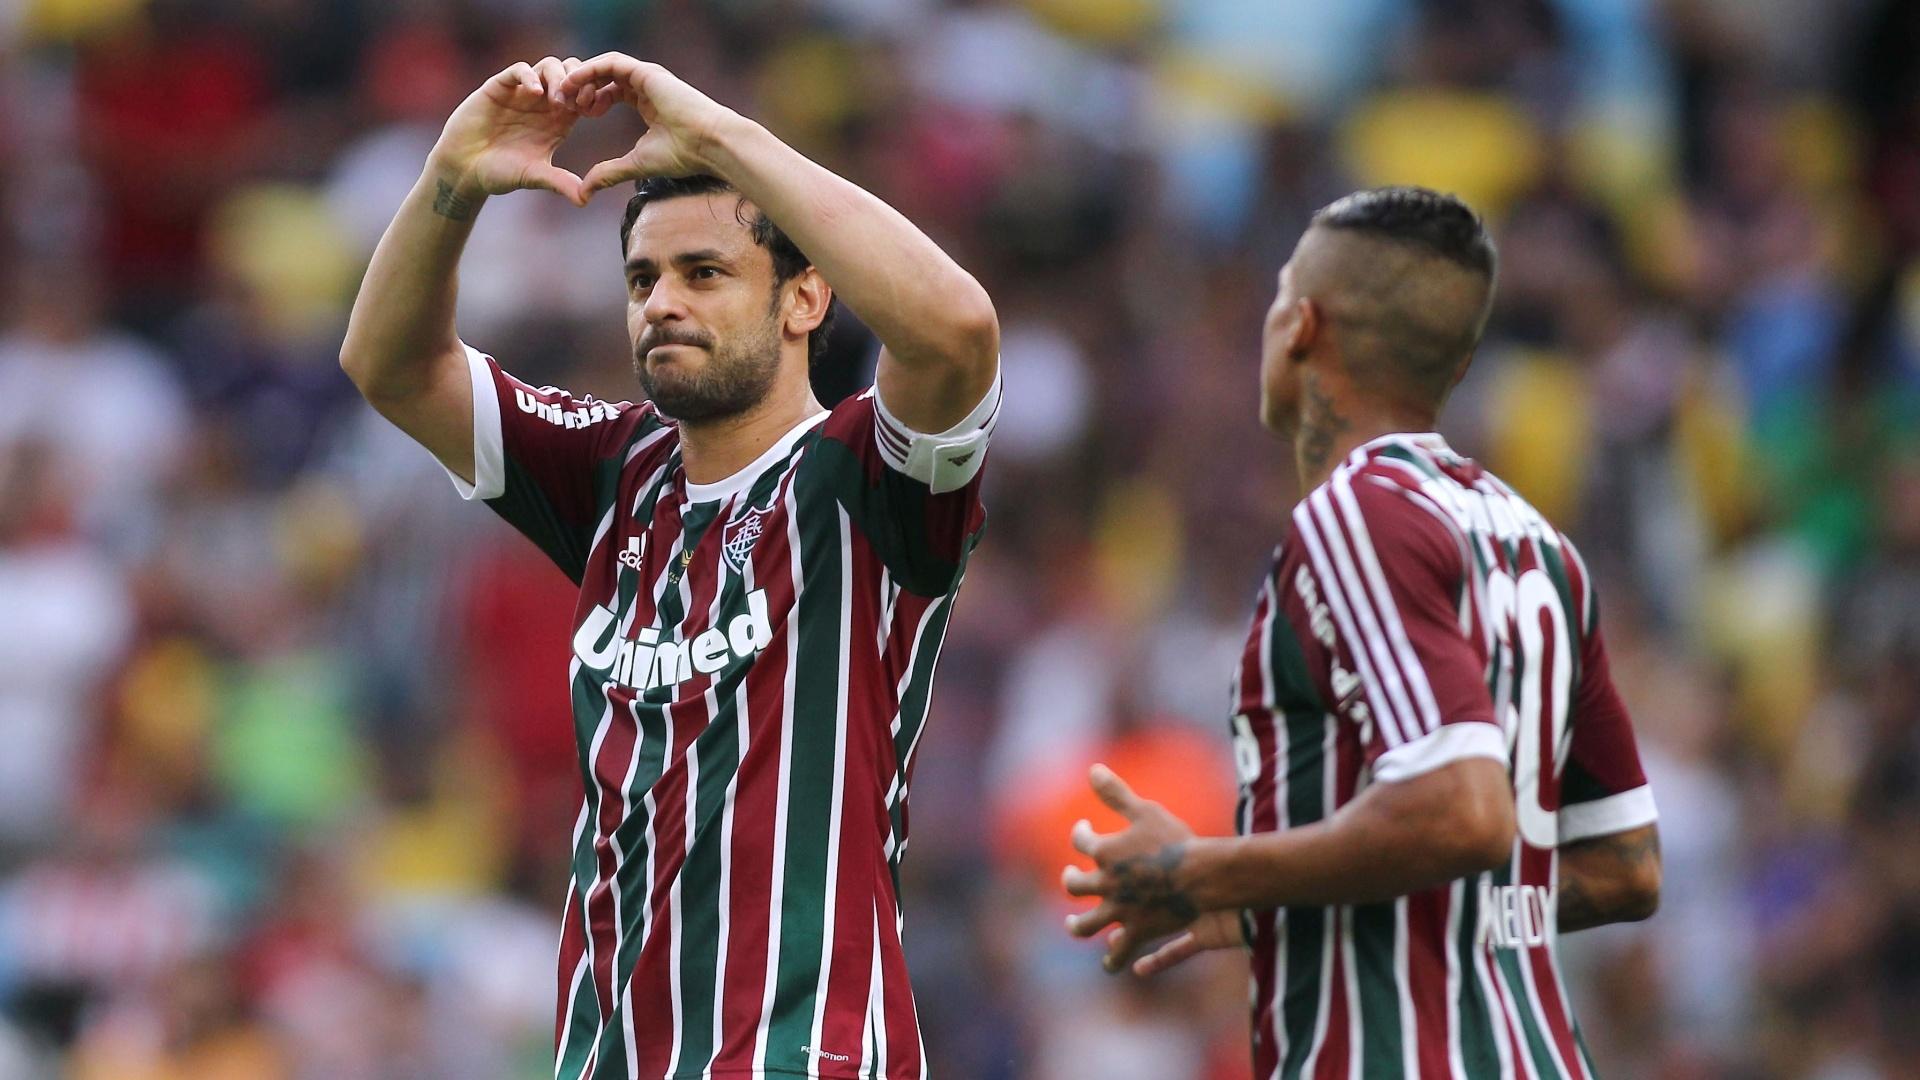 Fred marcou duas vezes de pênalti no jogo contra o Corinthians